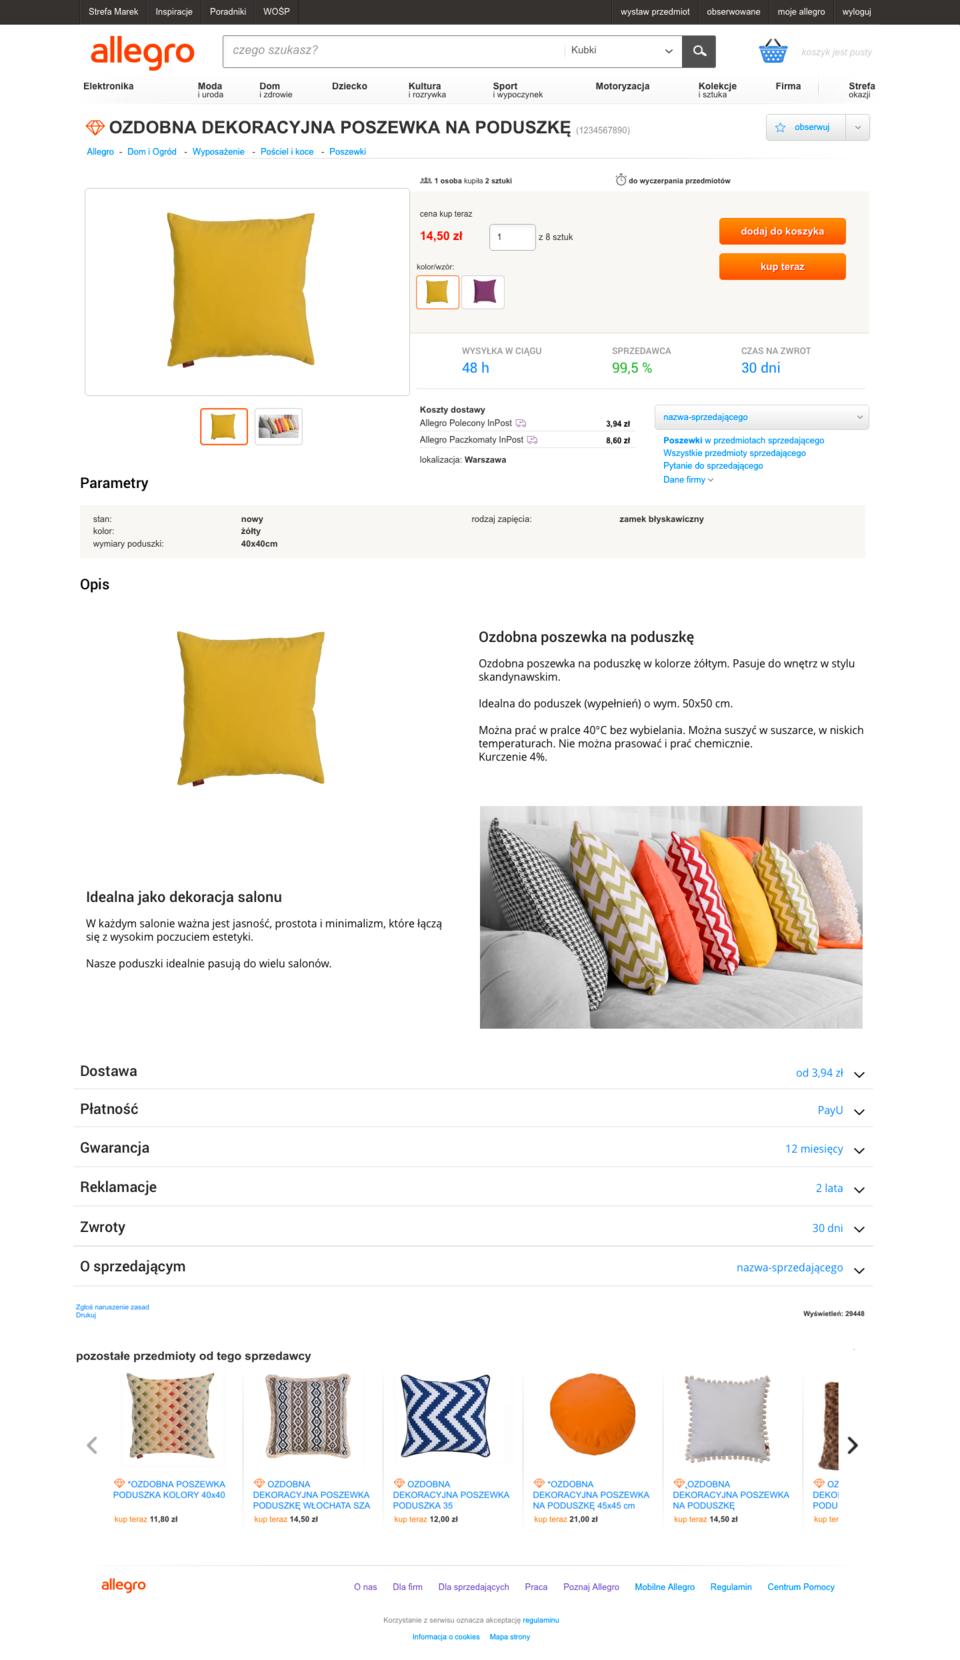 szablon aukcji allegro webdesign25h.pl